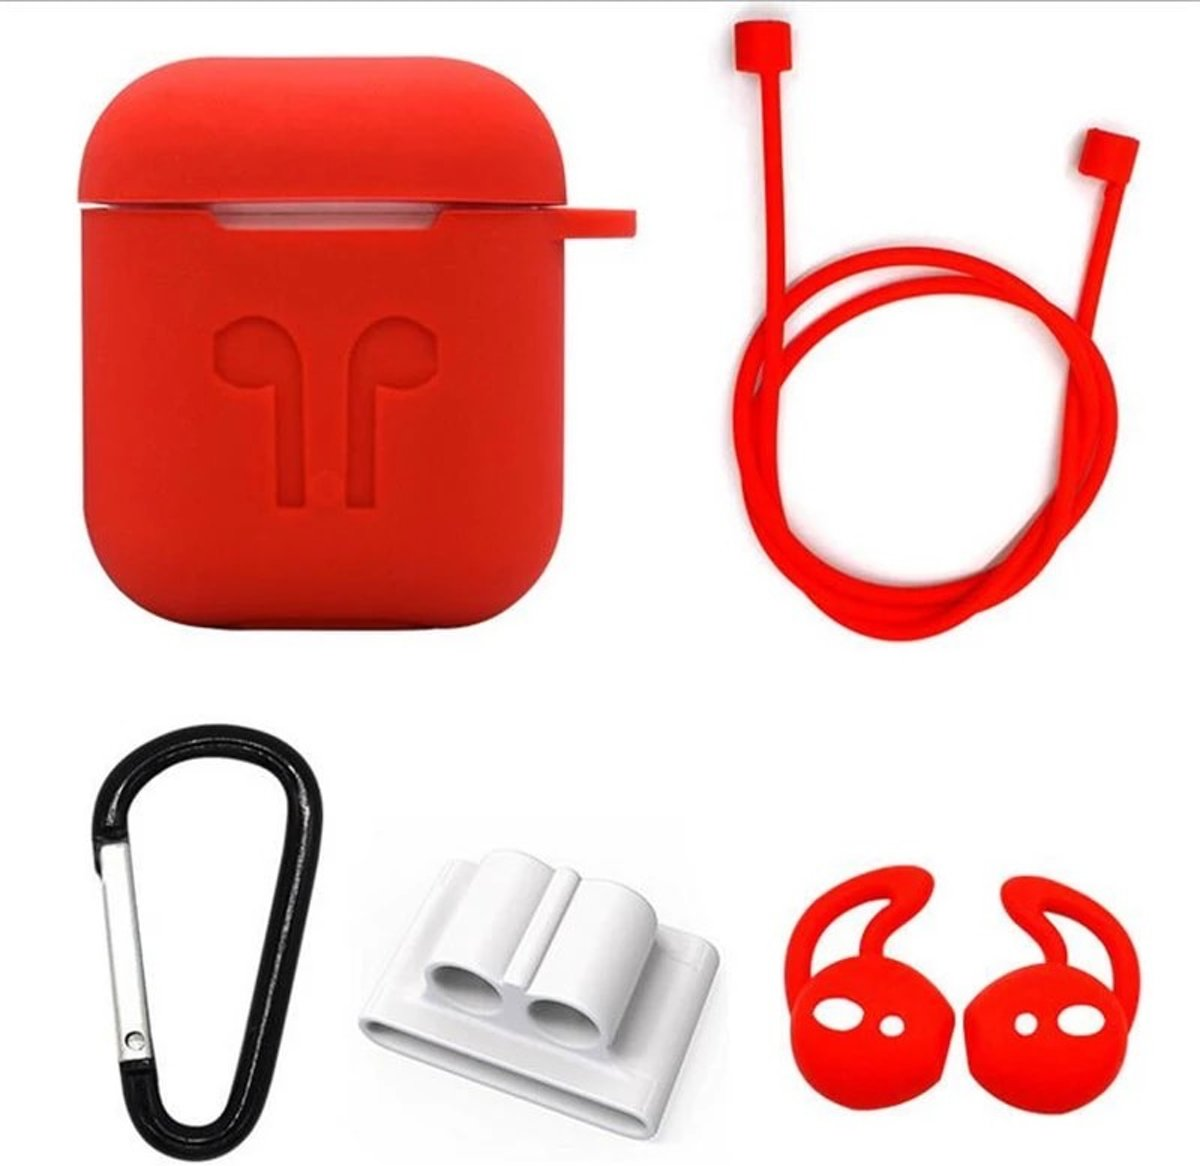 Siliconen Case Cover voor Apple Airpods - 5 in 1 set met Anti Lost Strap en Haak - Rood kopen